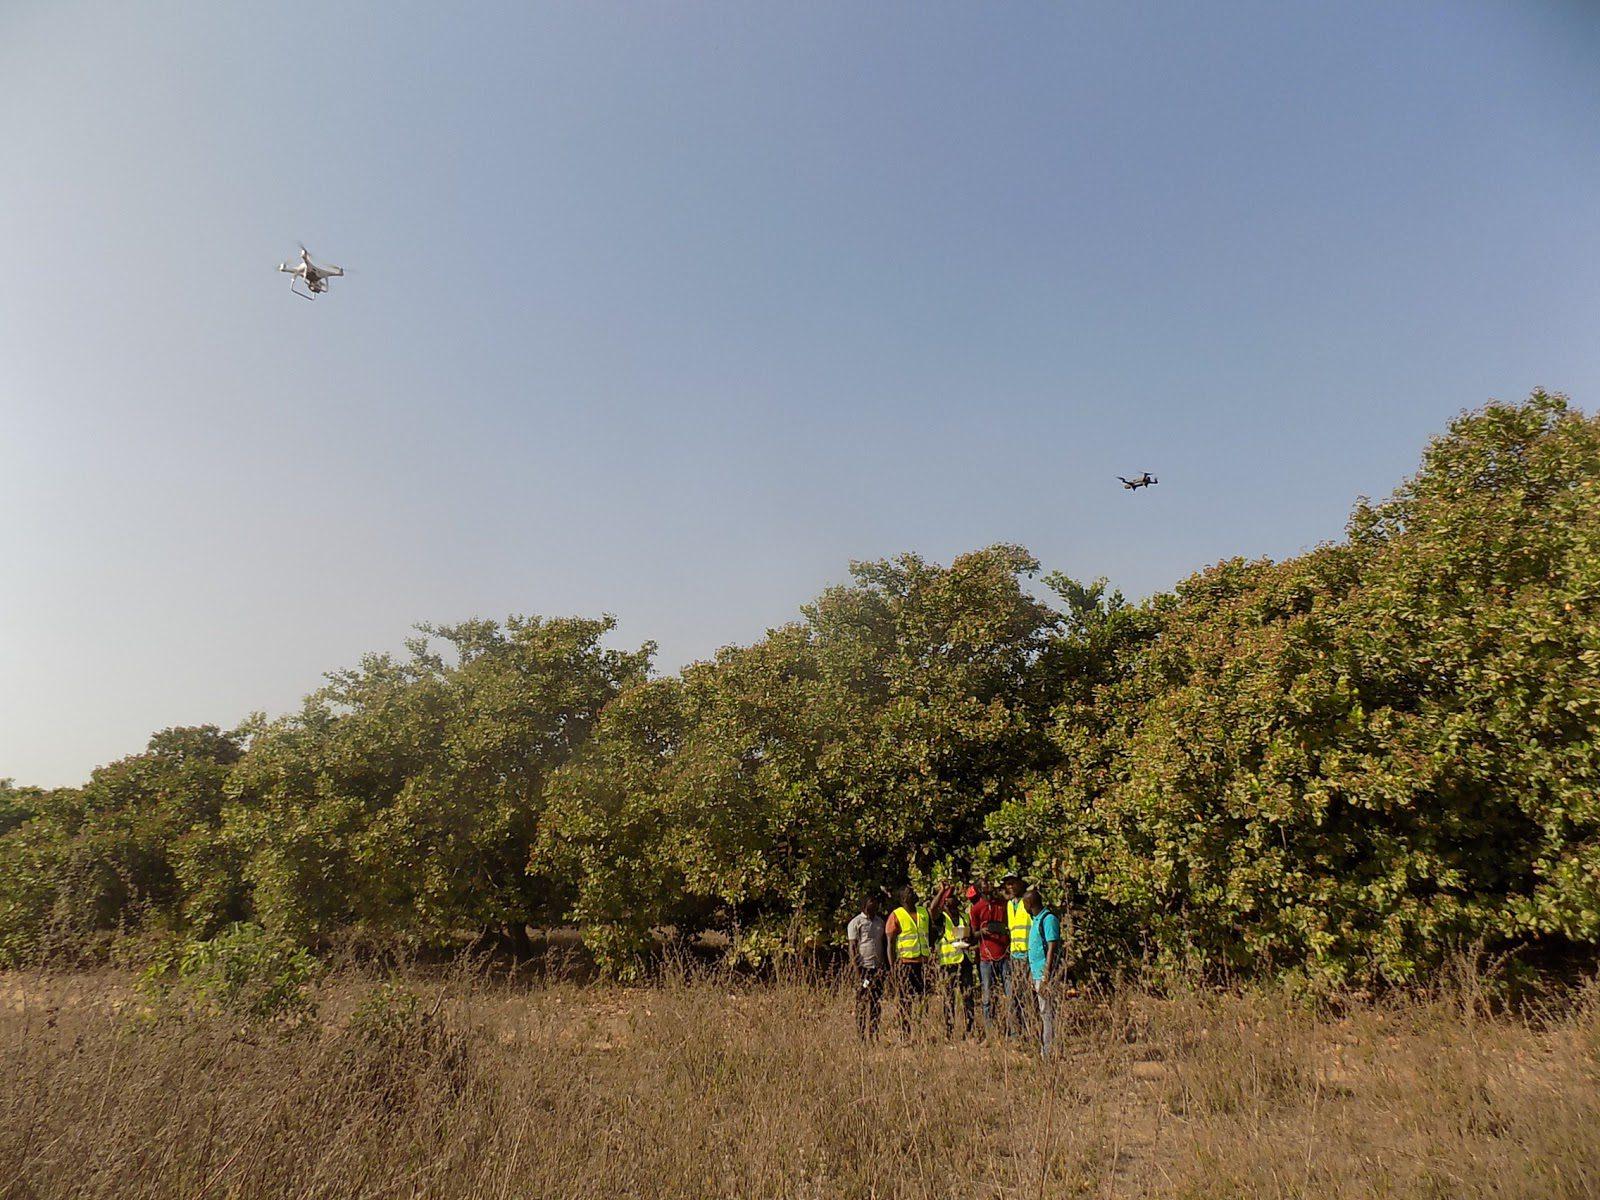 Drones fly over a field in Benin